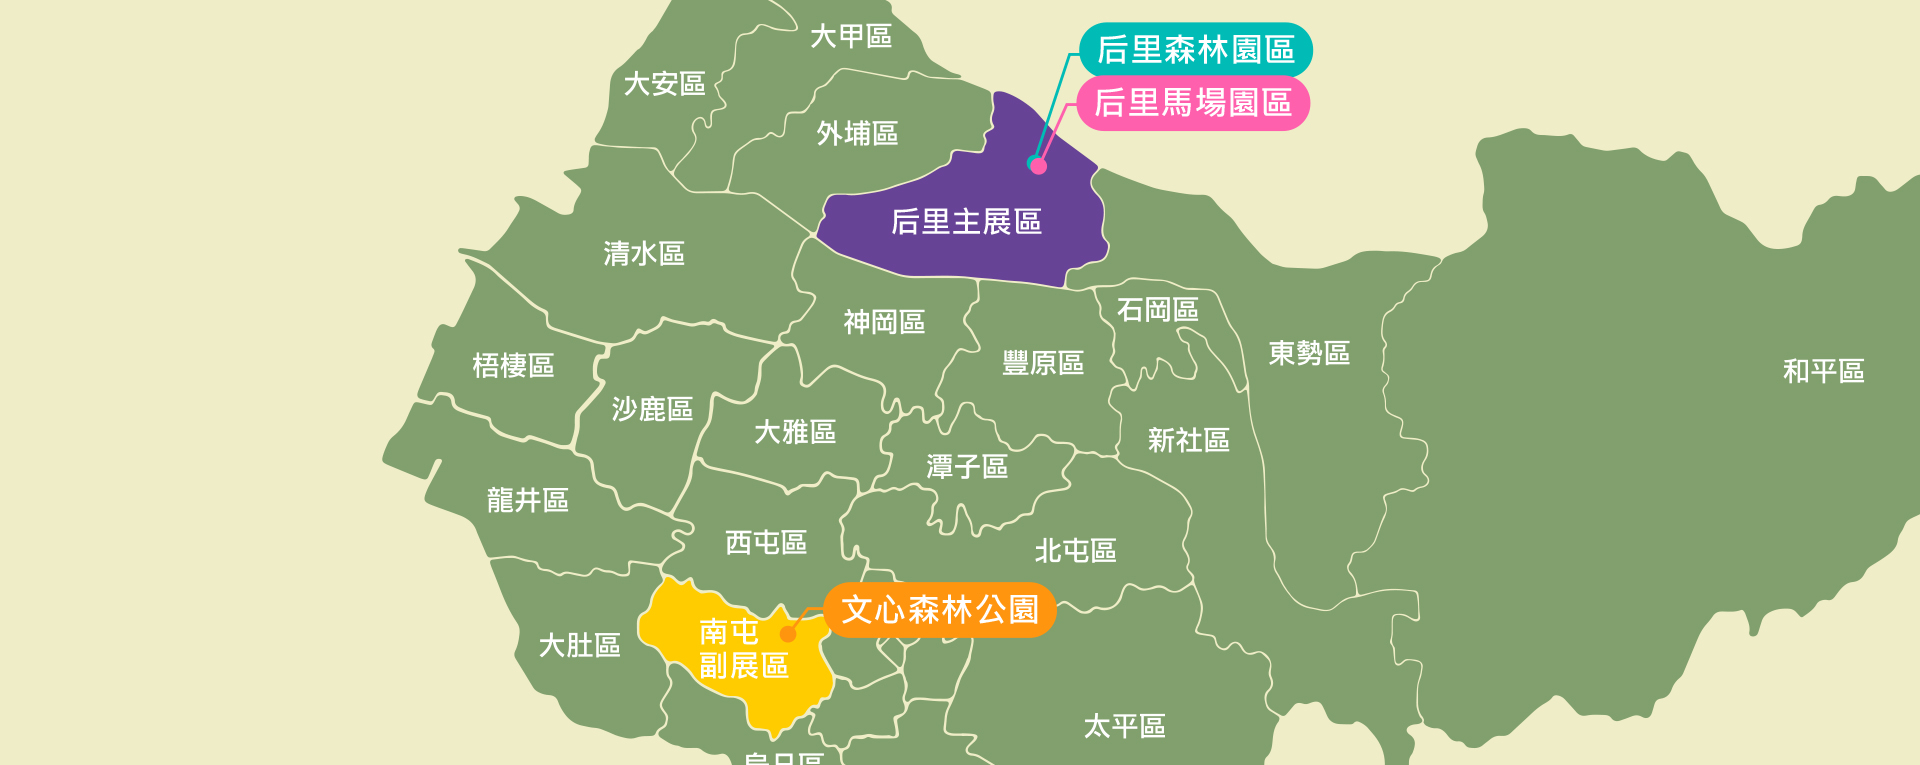 台灣燈會大地圖